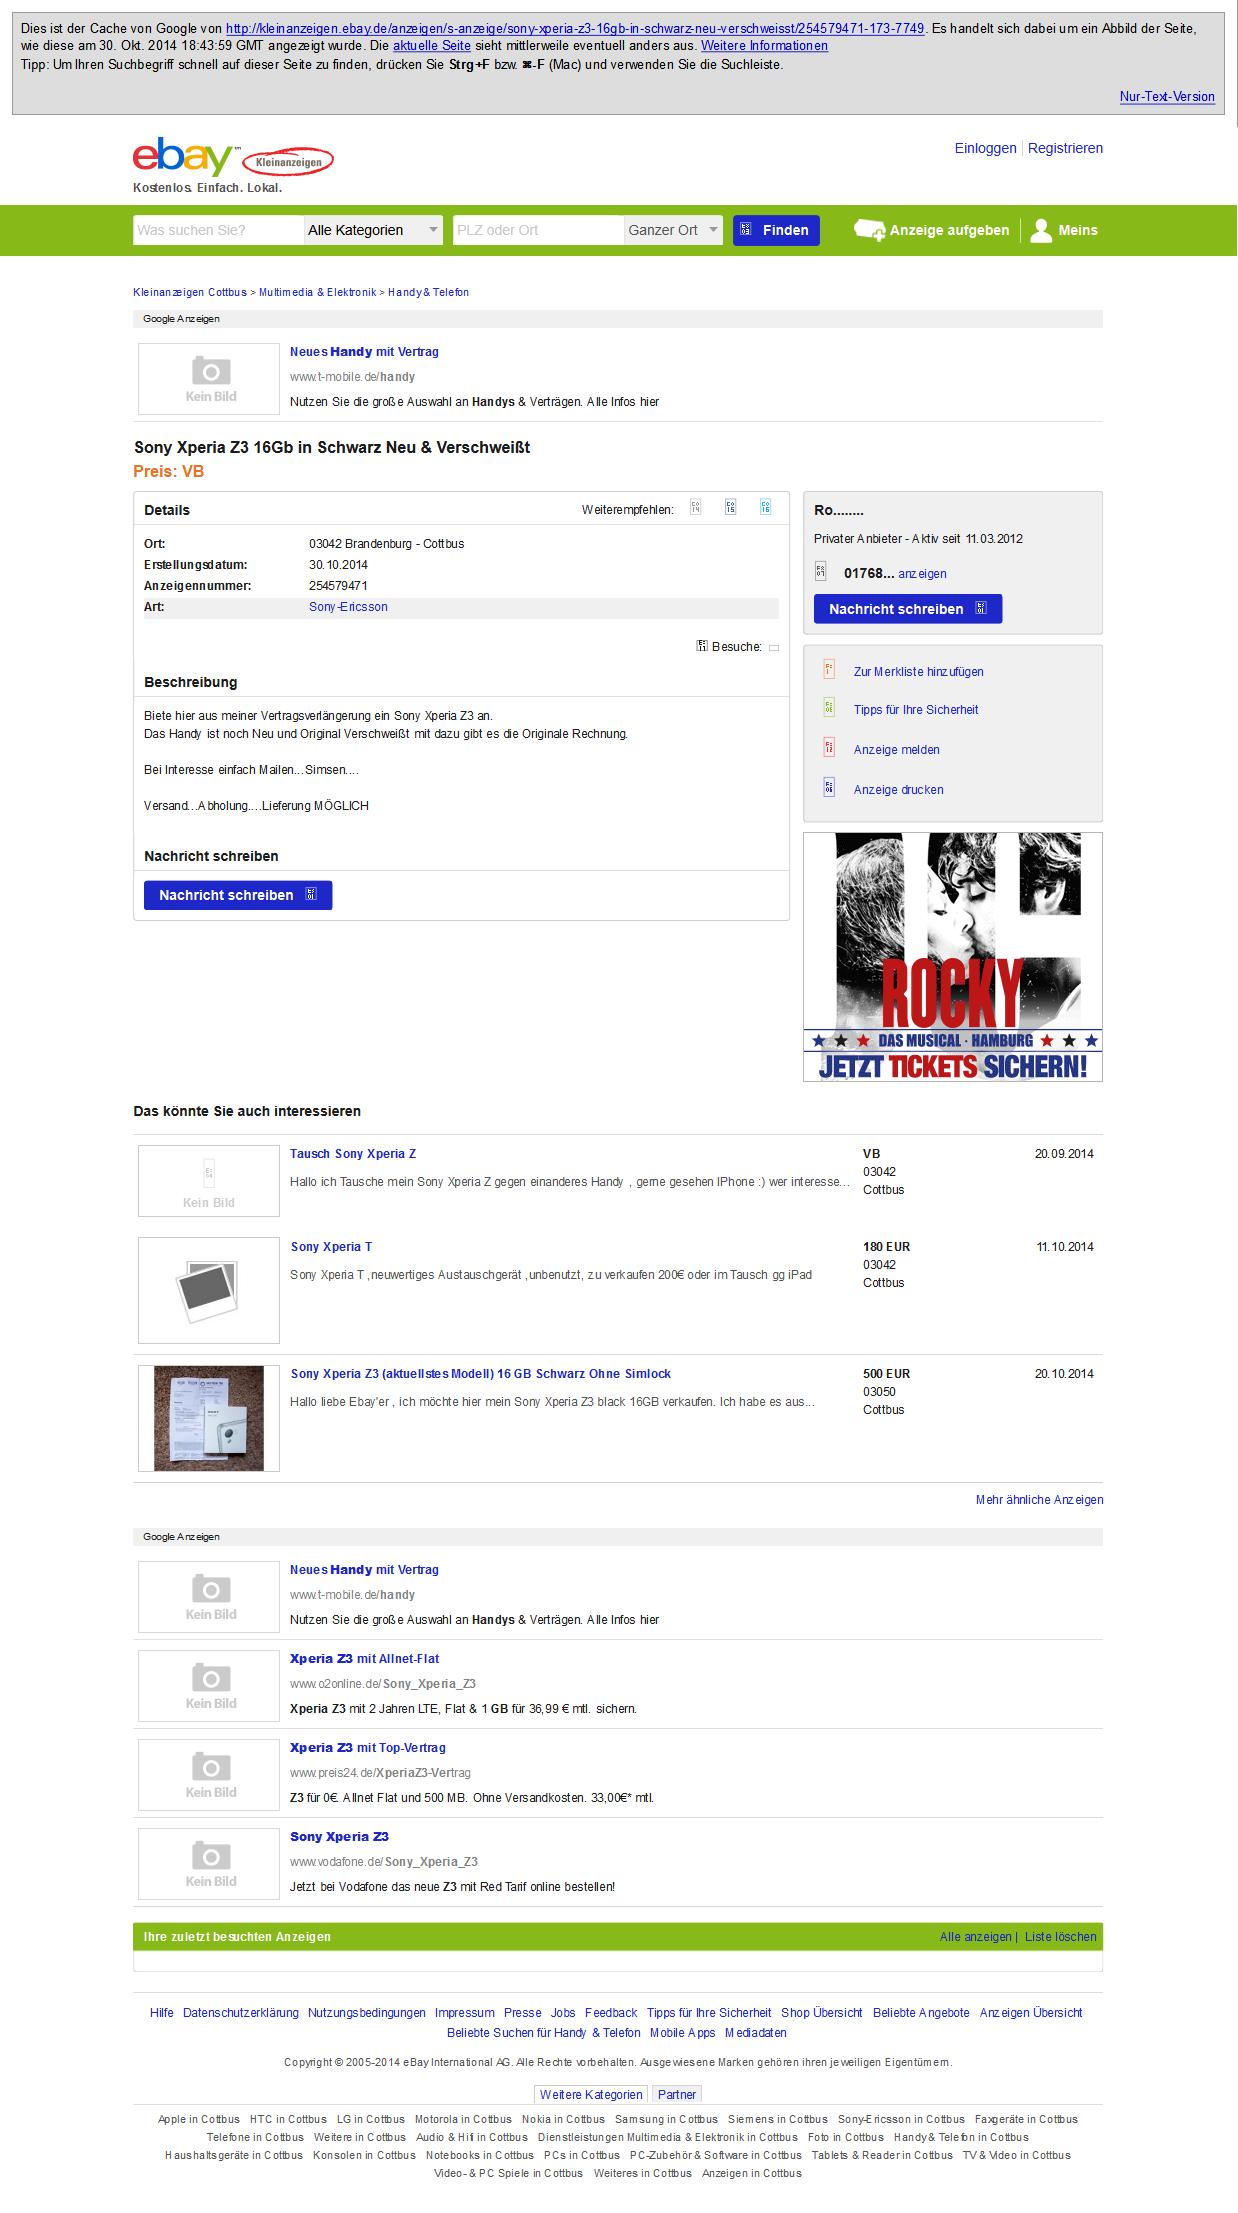 ebay kleinanzeigen kontaktformular